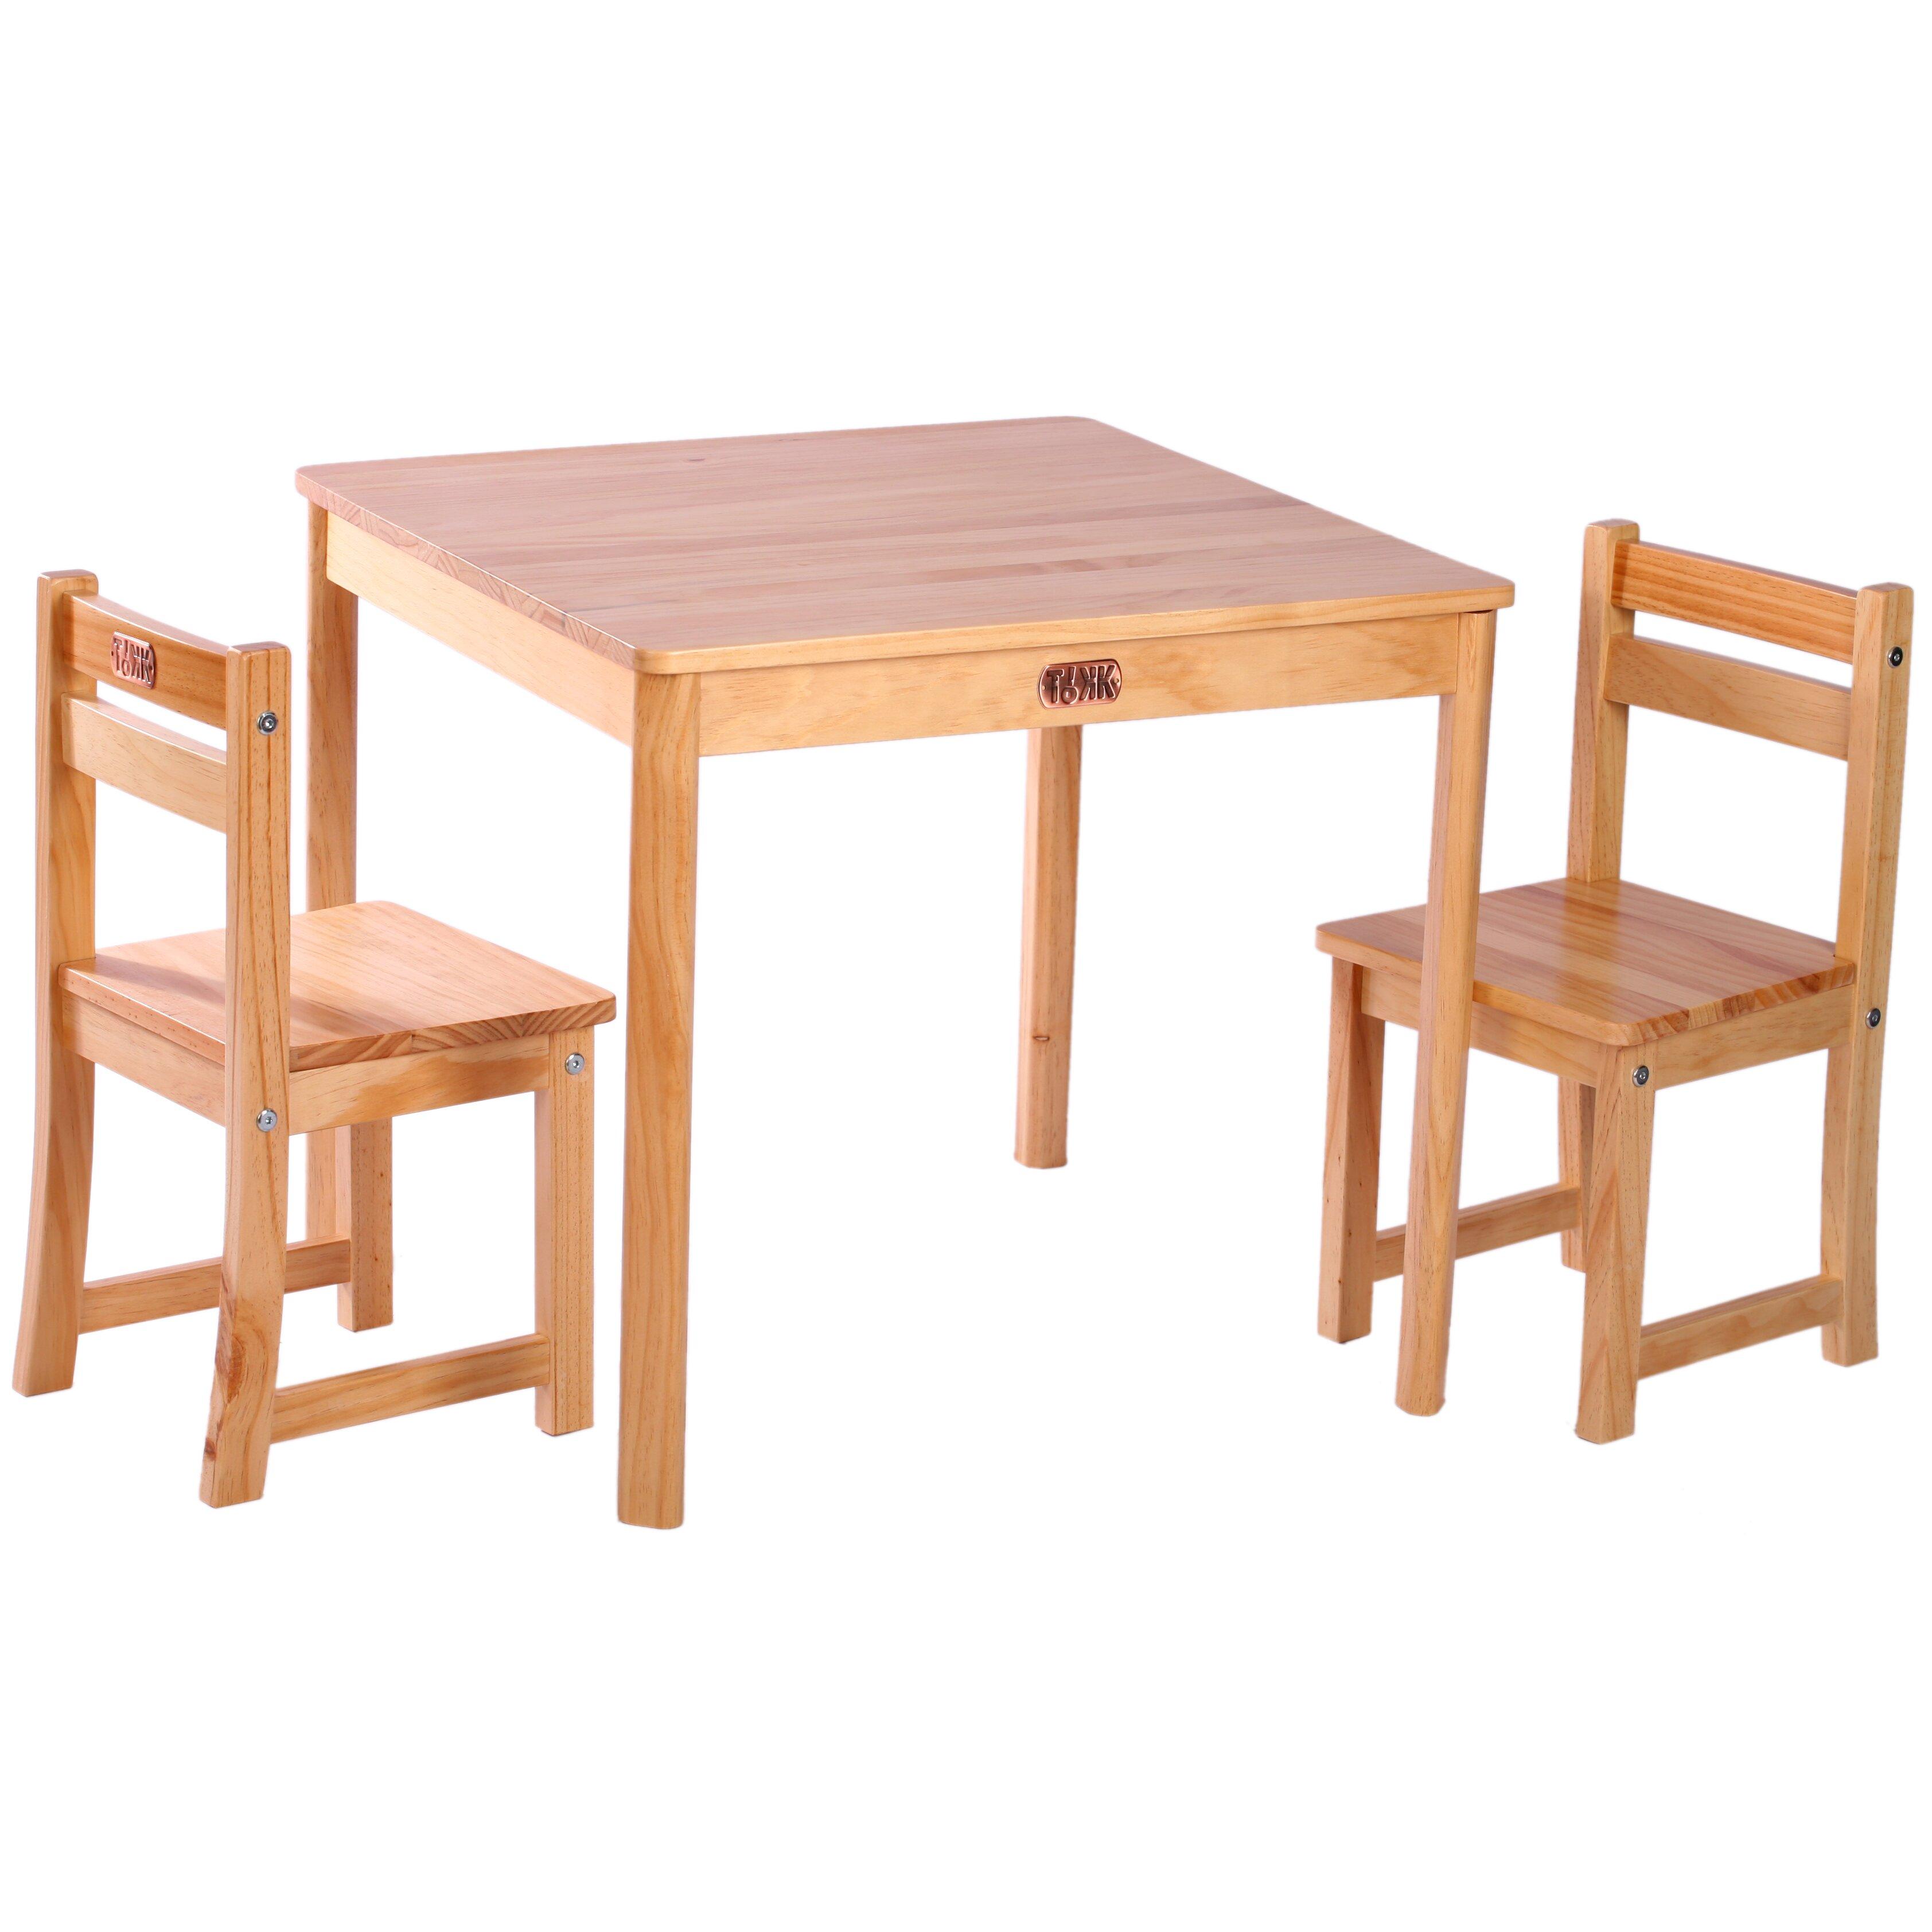 Tikk tokk boss children 39 s 3 piece table and chair set for Table et chaise en bois